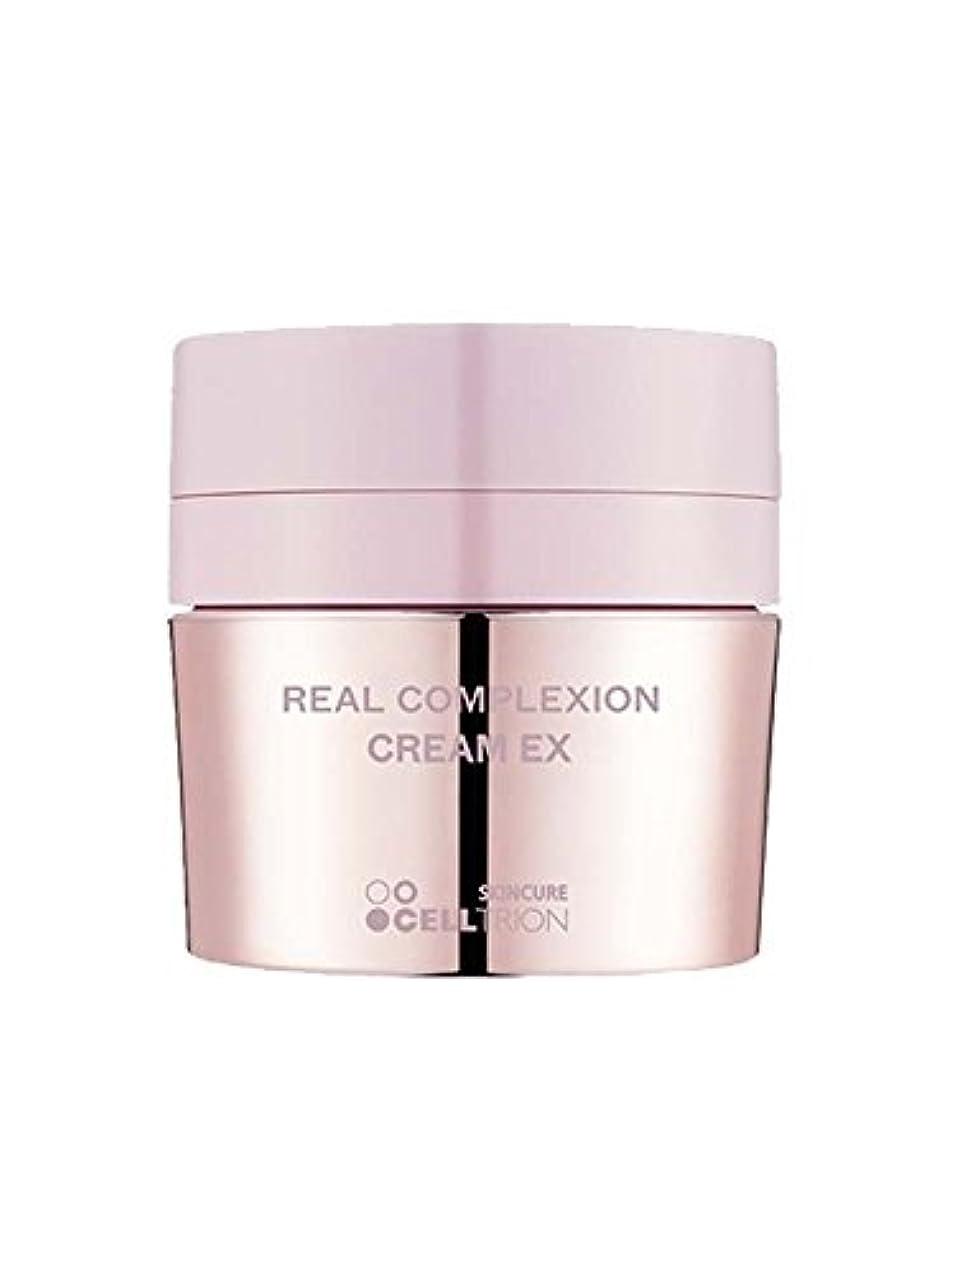 リスナー契約した導体HANSKIN Real Complexion cream EX 50ml/ハンスキン リアル コンプレクション クリーム EX 50ml [並行輸入品]